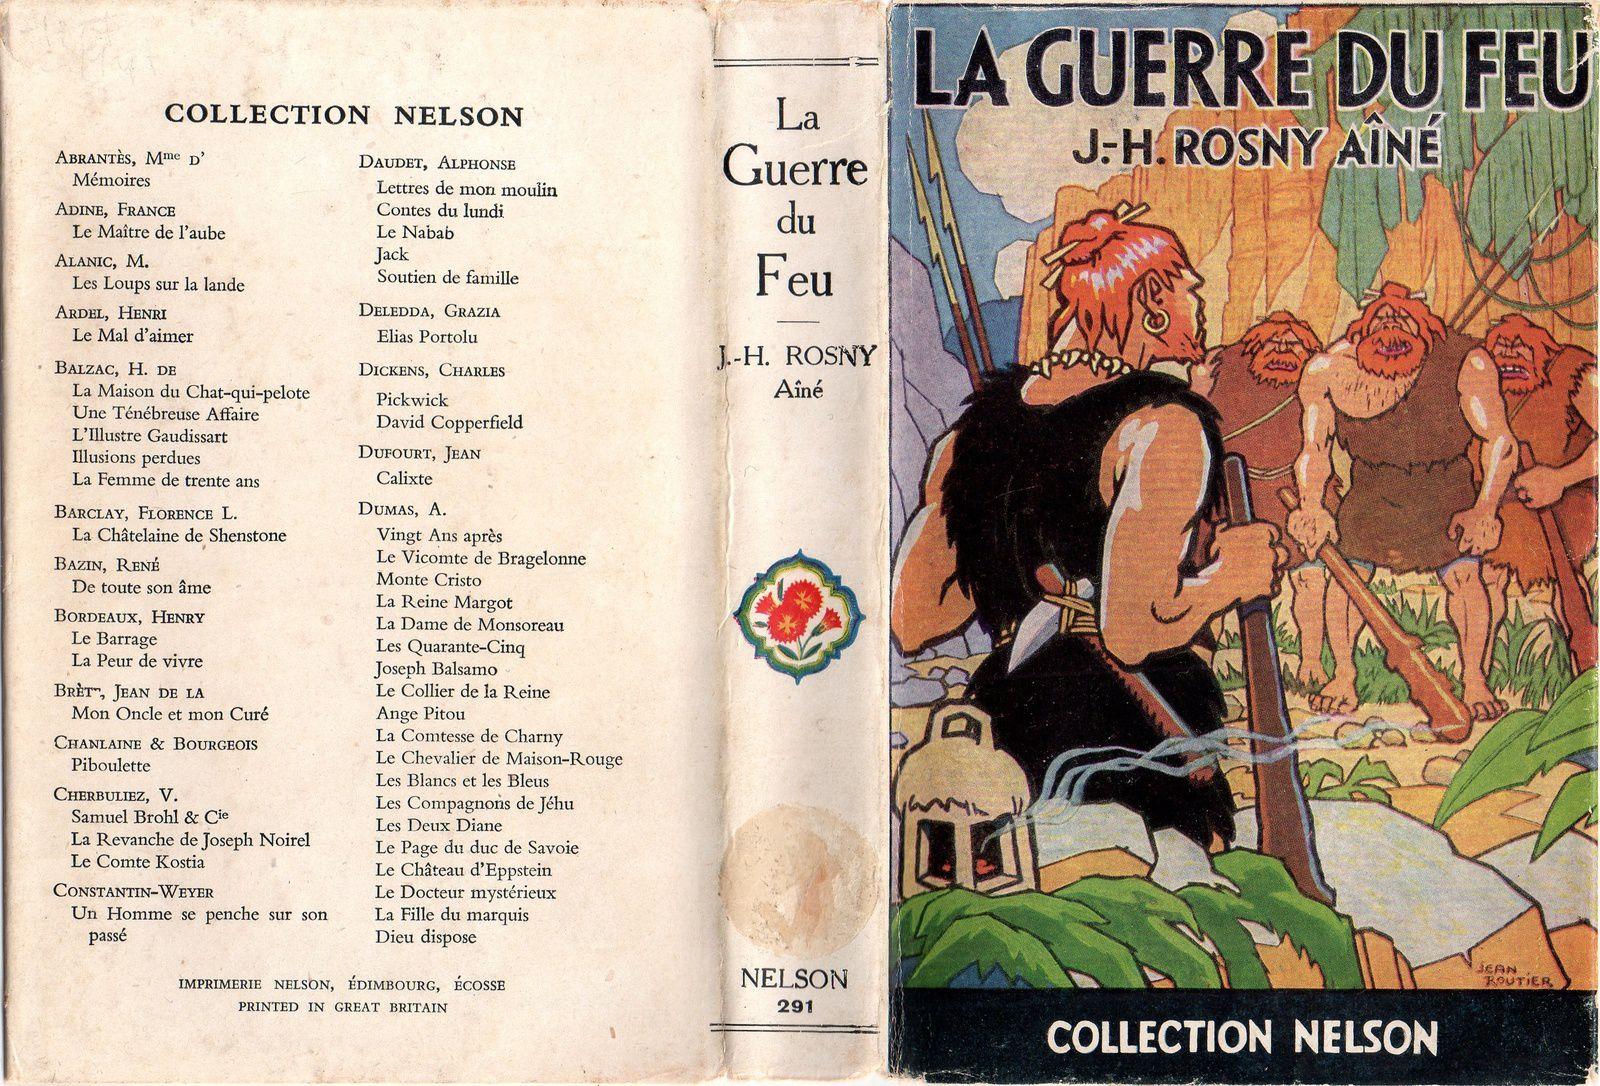 """J.-H. Rosny aîné """"La Guerre du Feu"""" (Nelson - 1947) [Type R.]"""